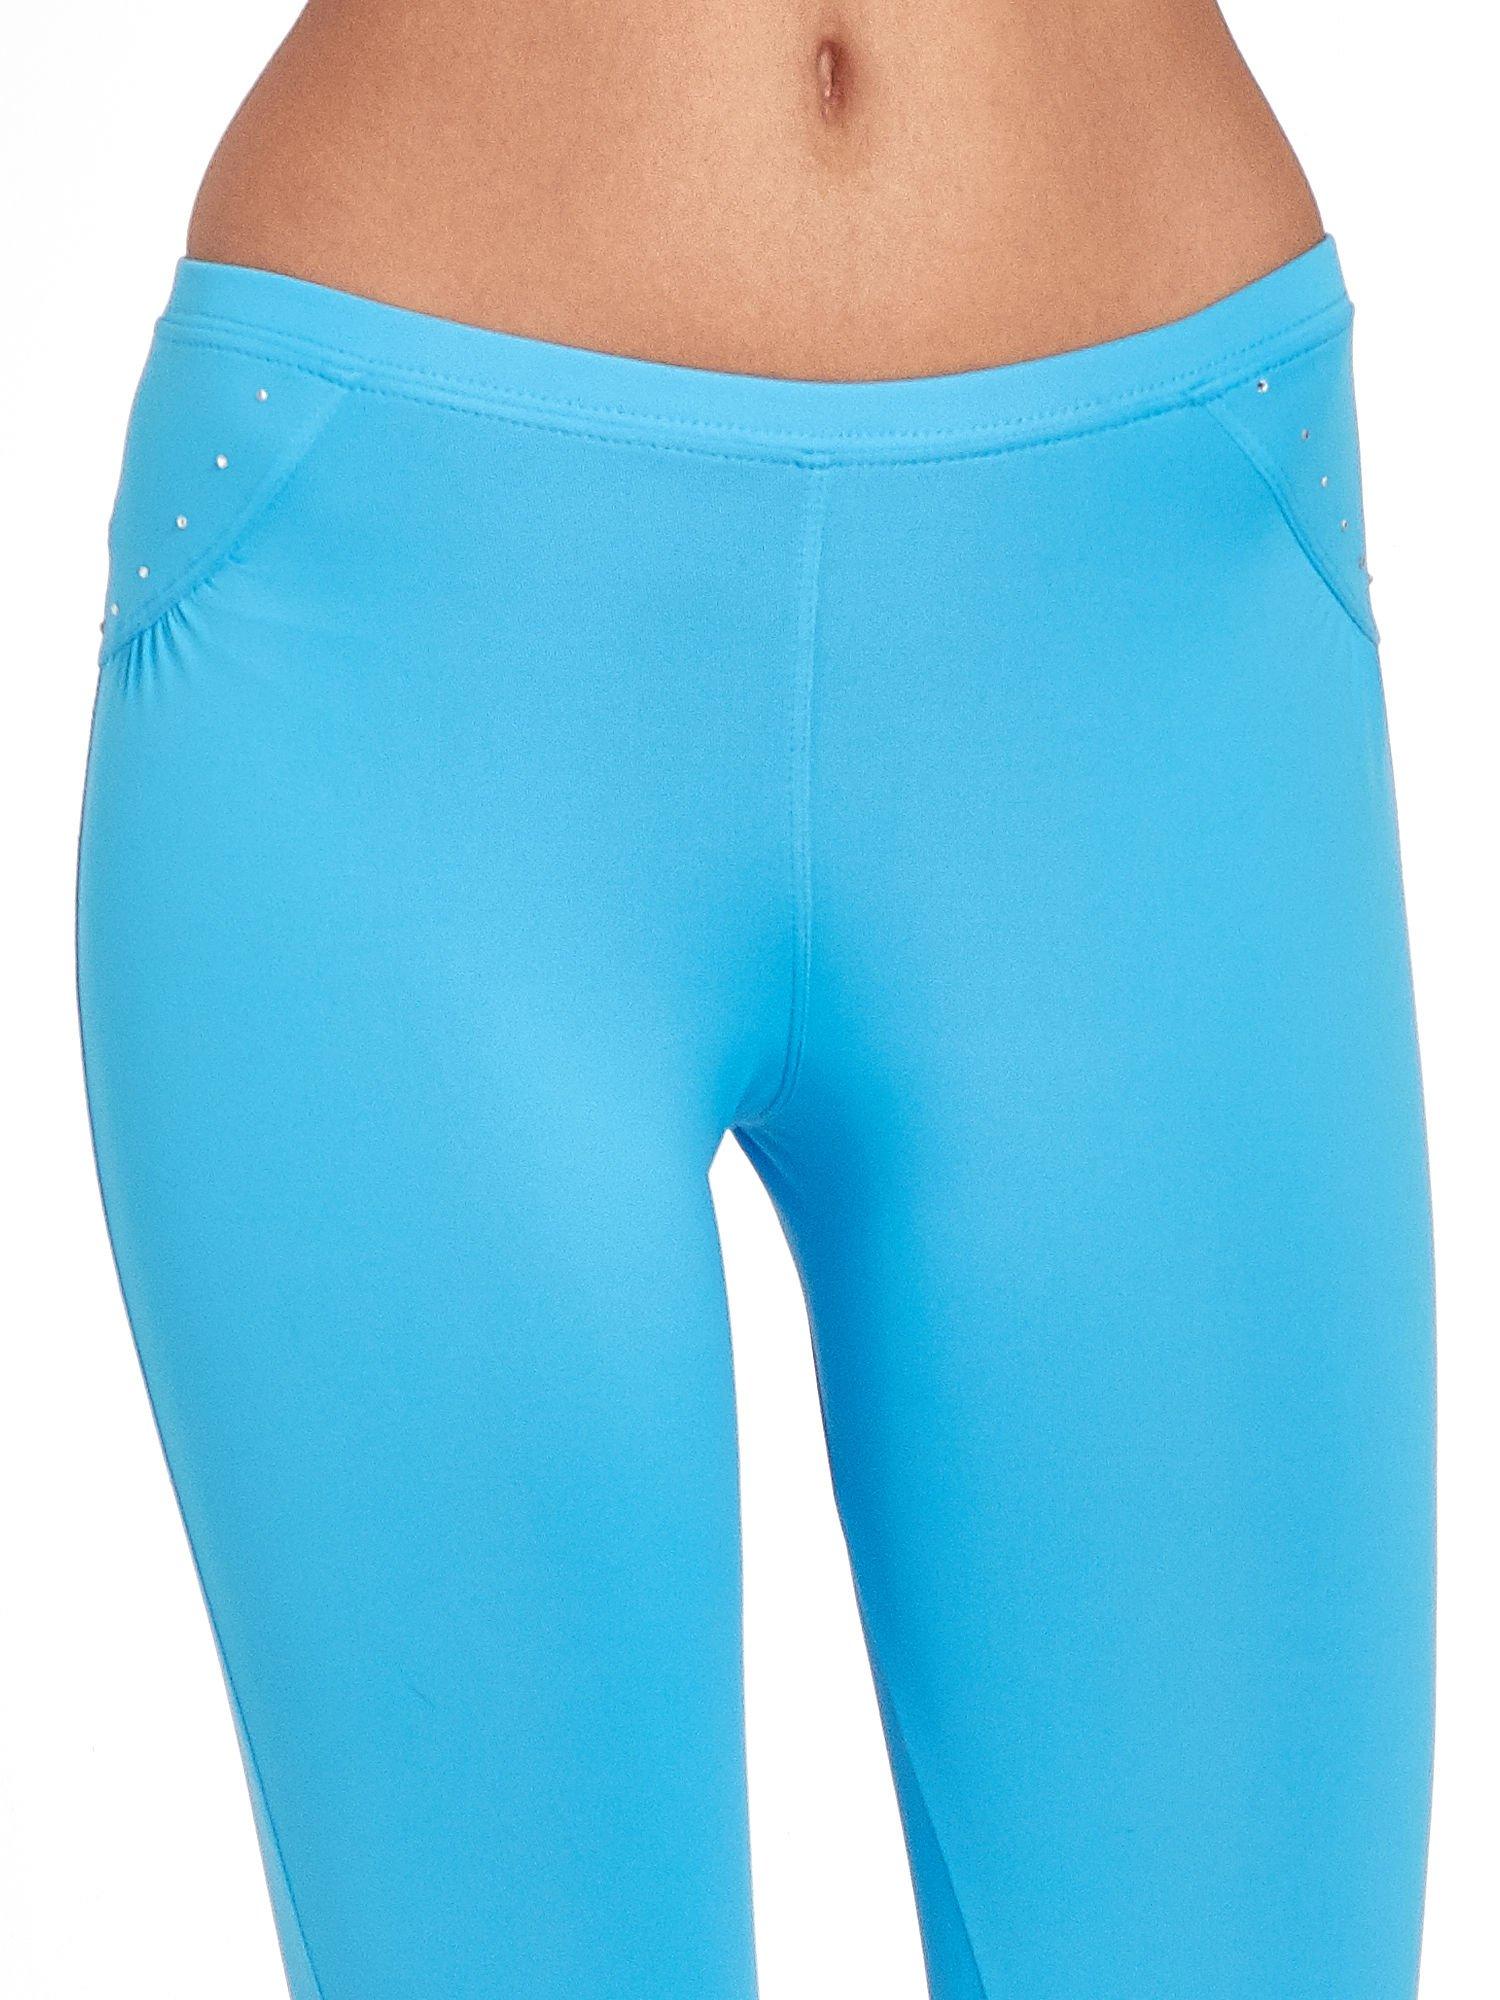 Niebieskie legginsy sportowe termalne z dżetami i ściągaczem                                  zdj.                                  6